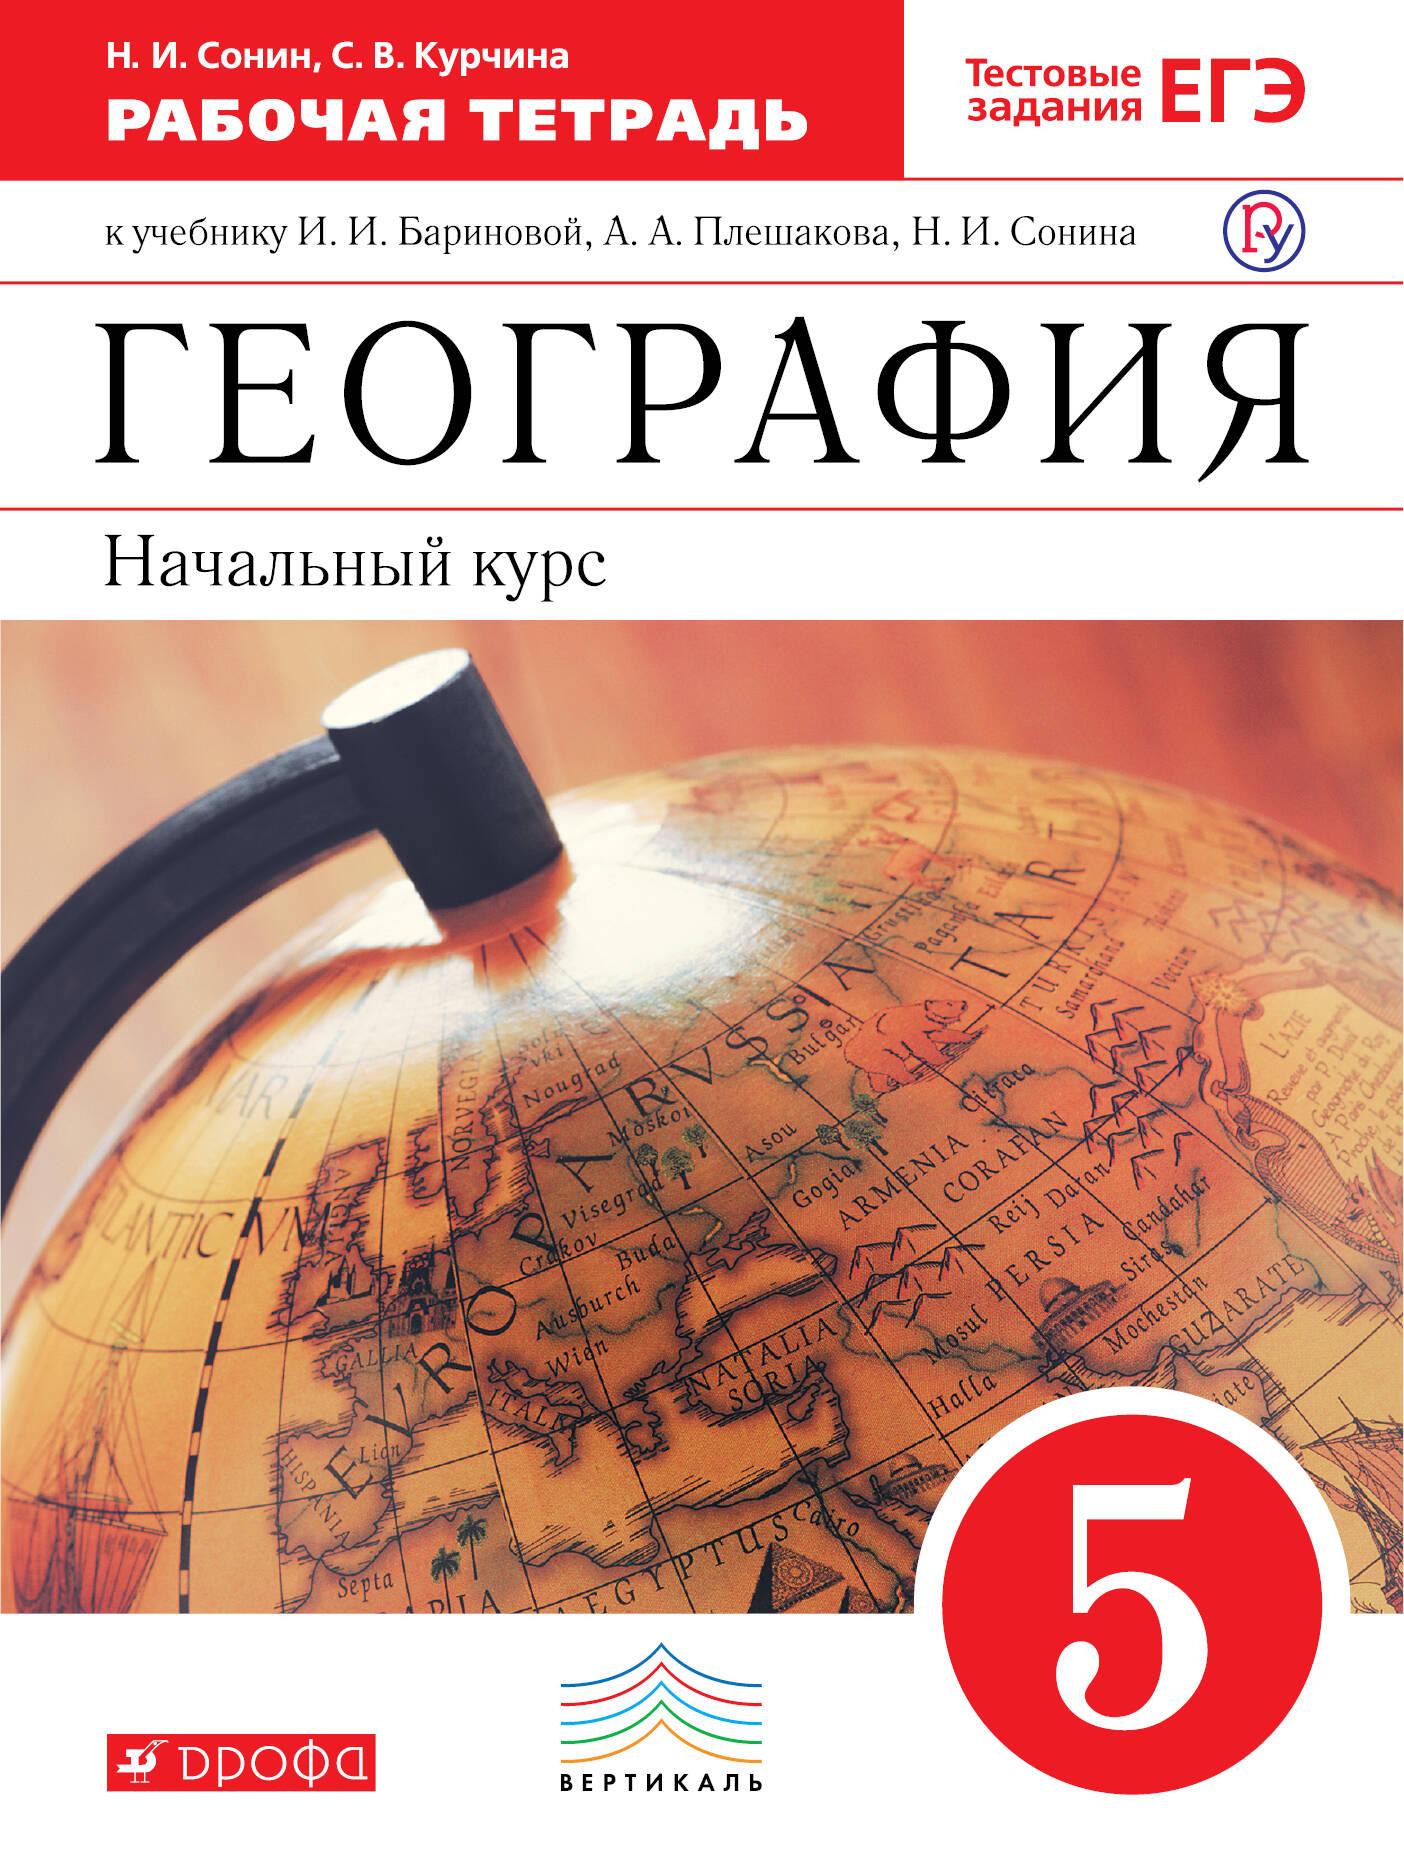 Сонин Н.И., Курчина С.В. География. 5 класс. Рабочая тетрадь цена